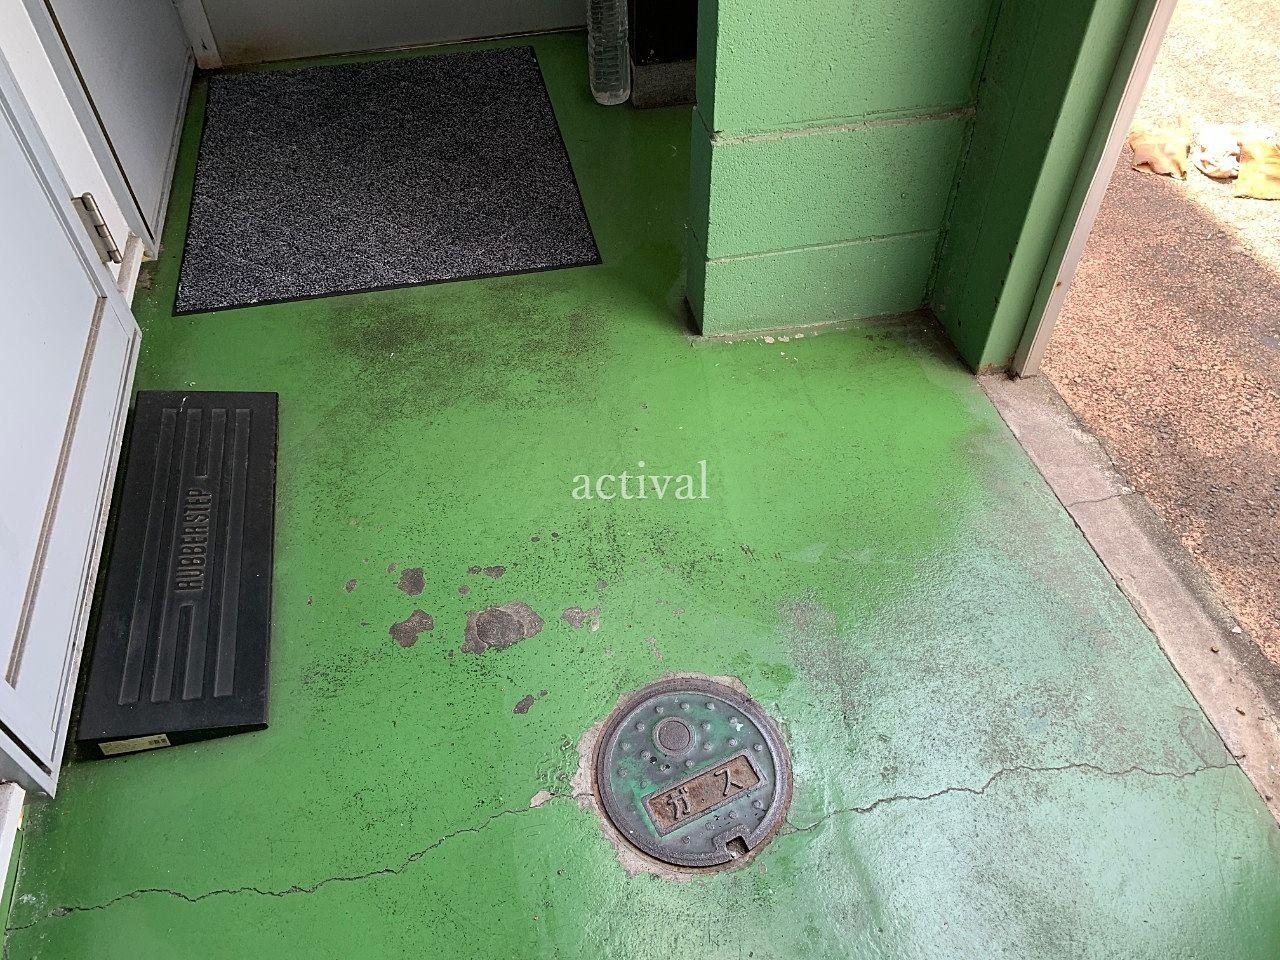 ア・ス・ヴェルデⅢの共用スペースの床を水拭きして掃除しました。